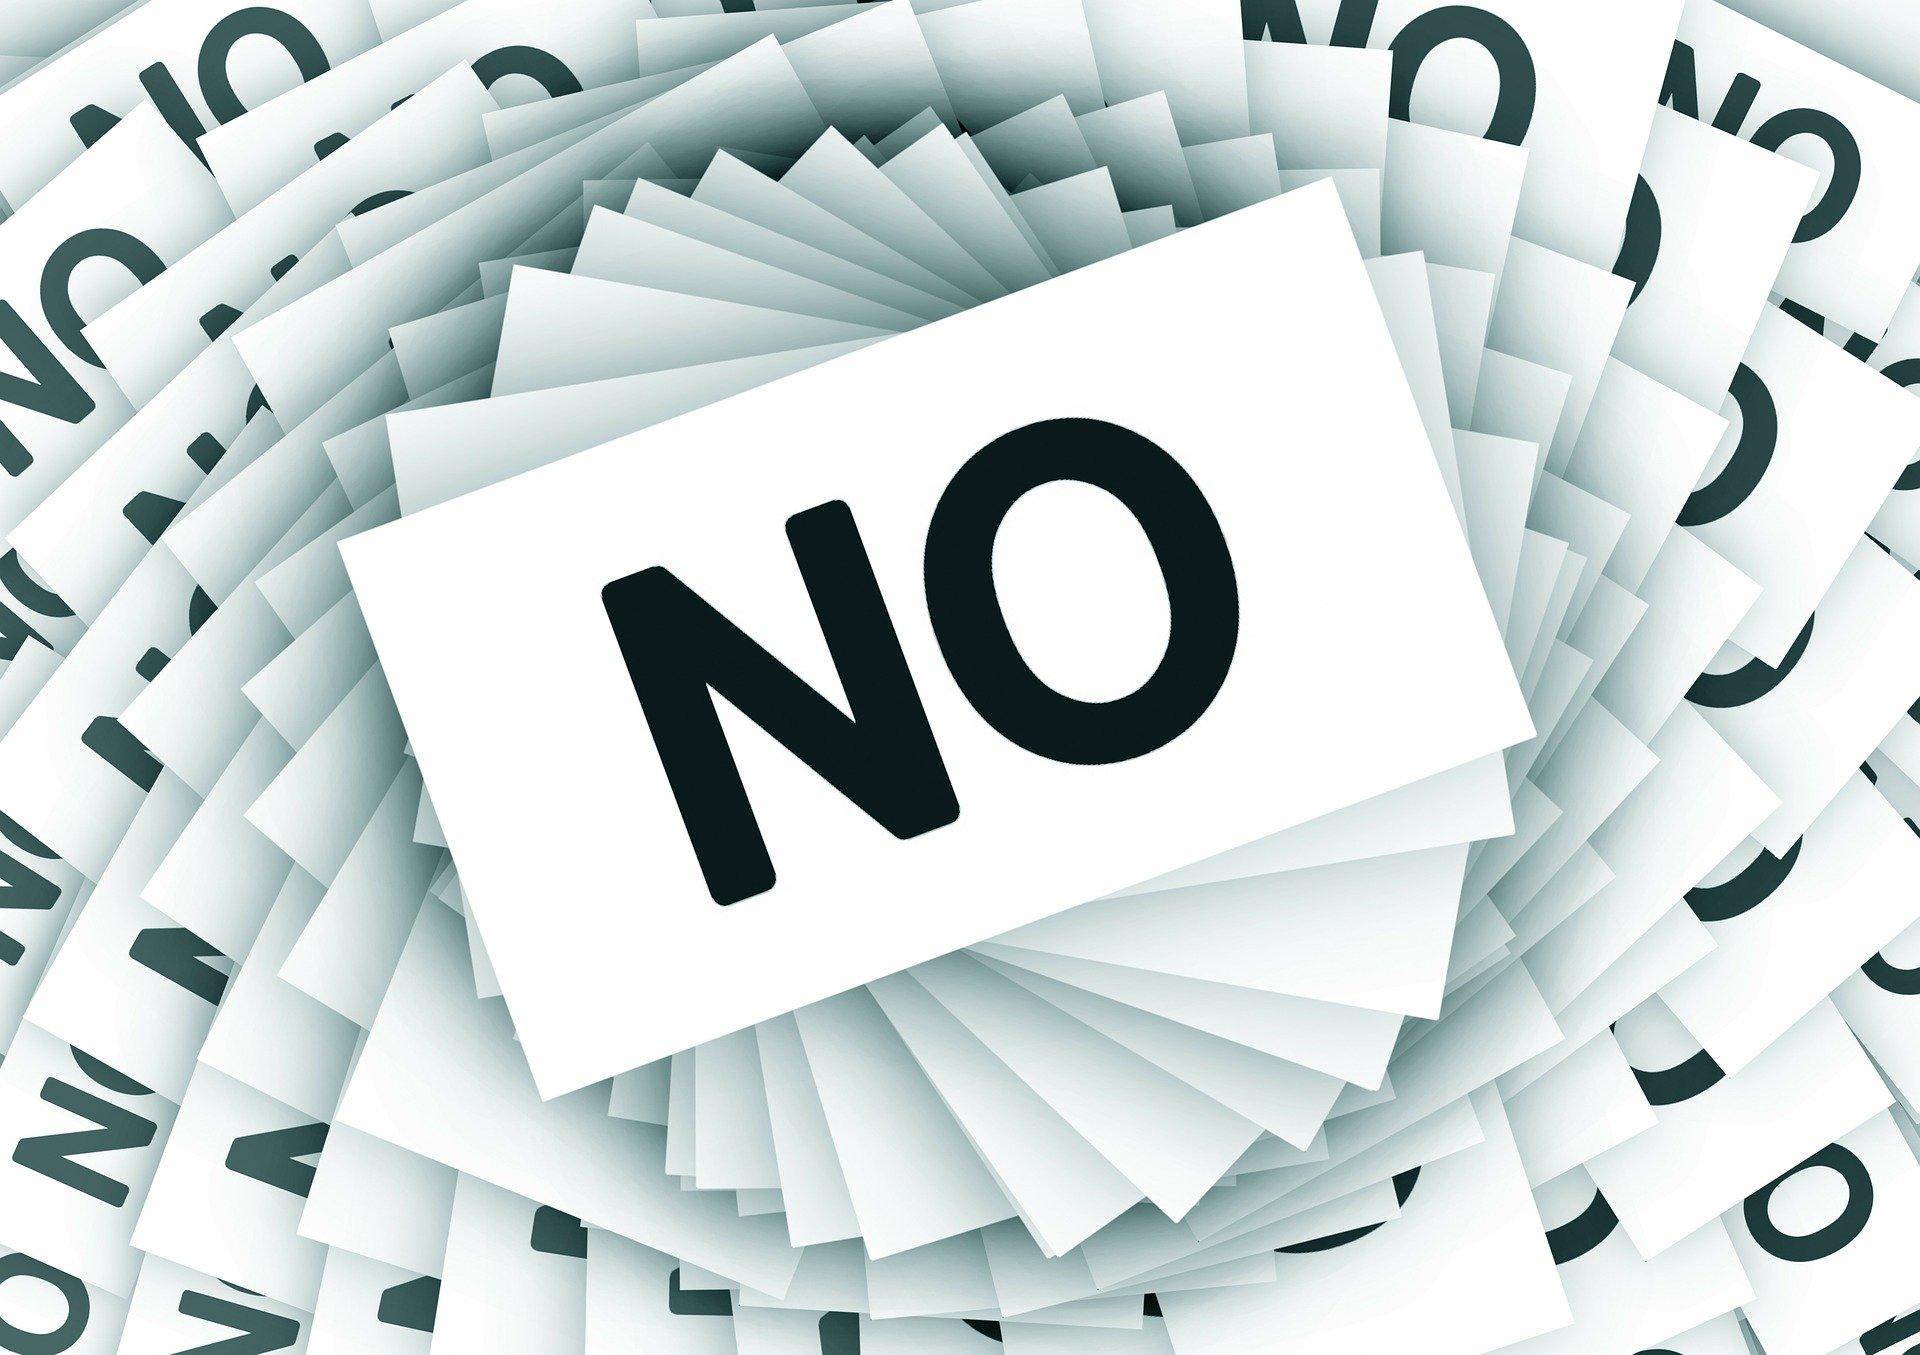 Учасник процедури закупівлі не надав документи, які вимагав замовник, після аукціону: чи правомірно його відхилили?